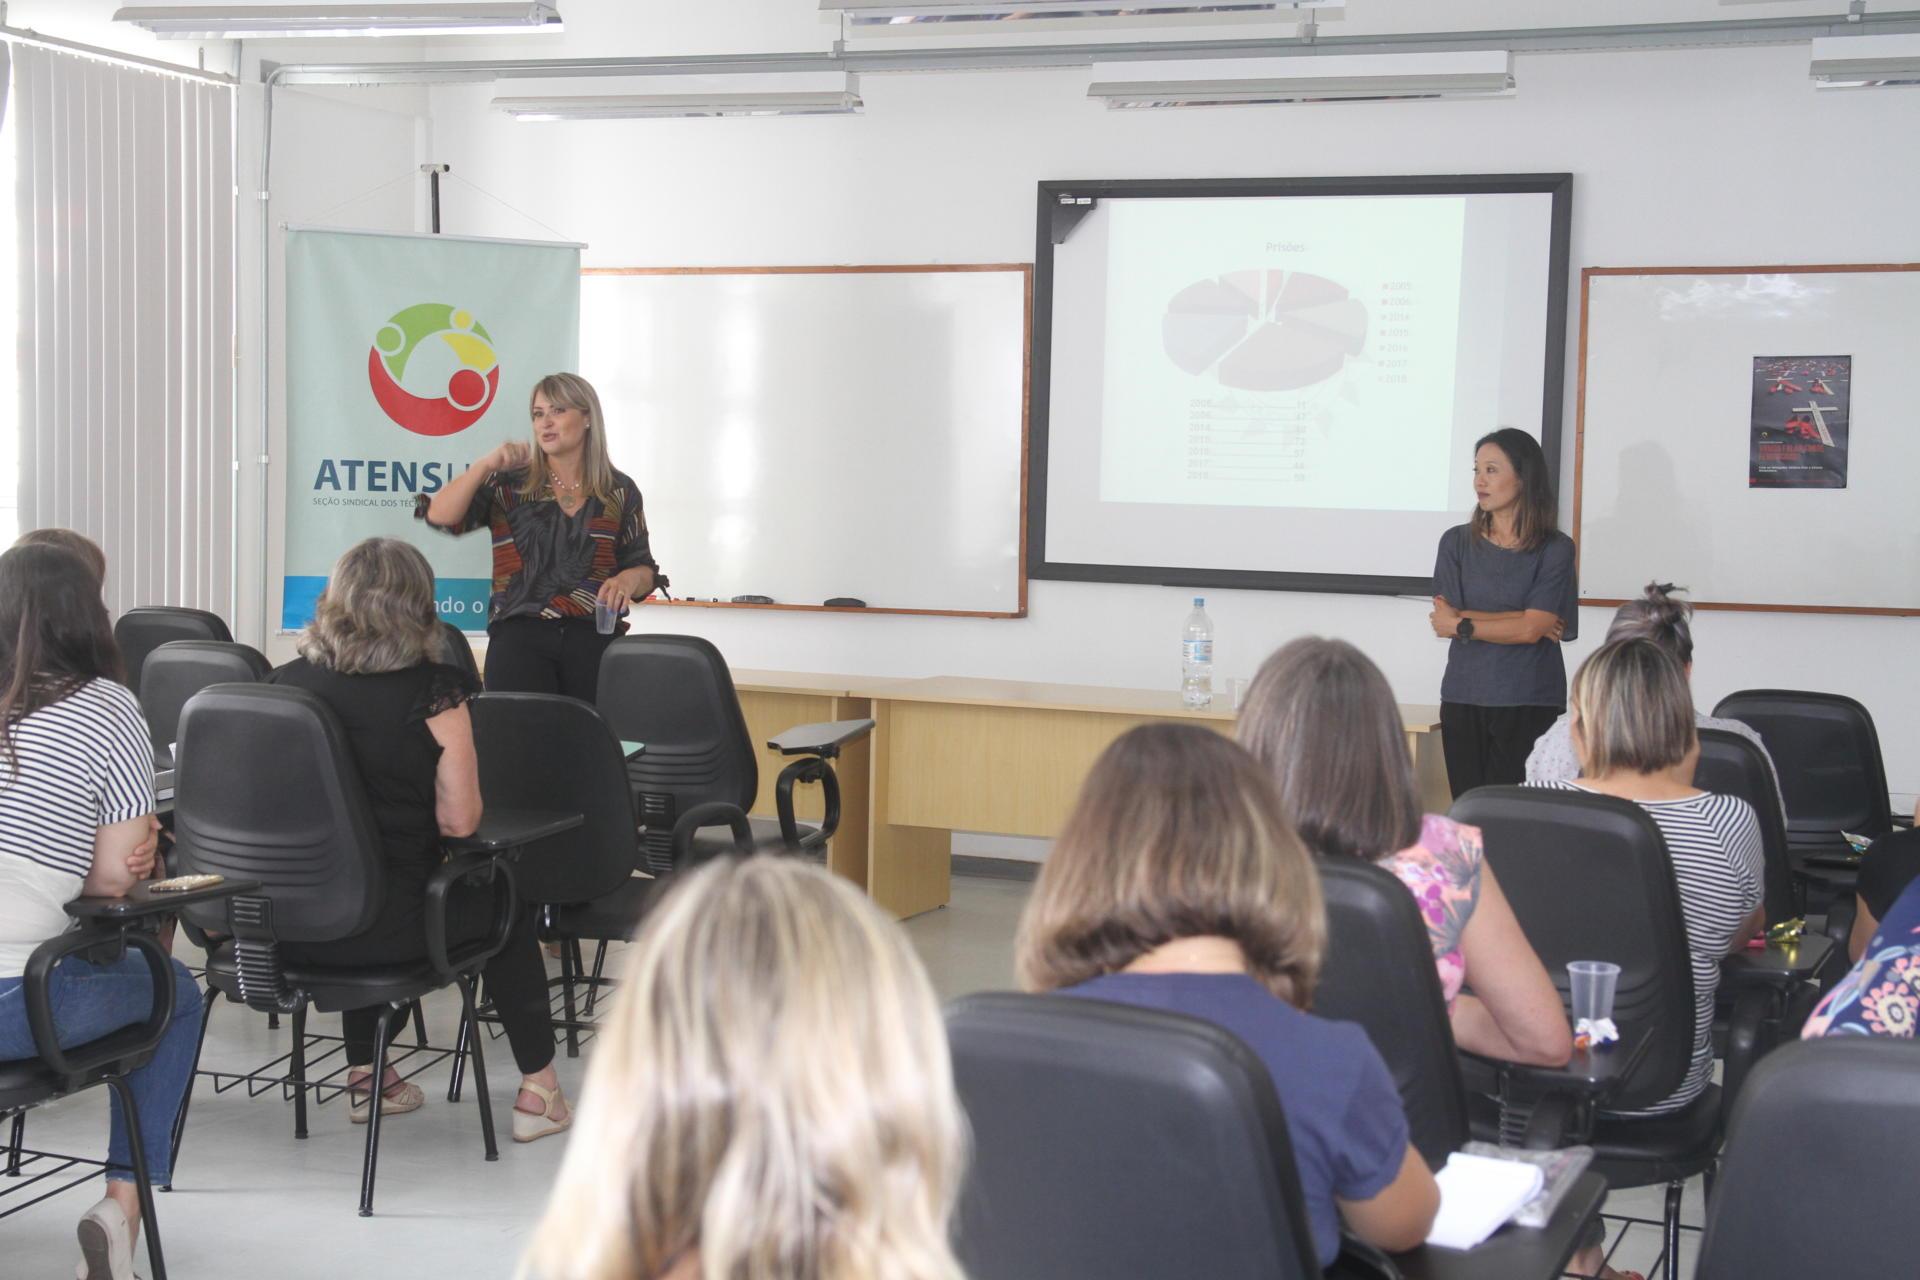 Foto colorida horizontal com duas mulheres à frente de um público formado por mulheres em um pequeno auditório. Ao fundo, banner da Atens